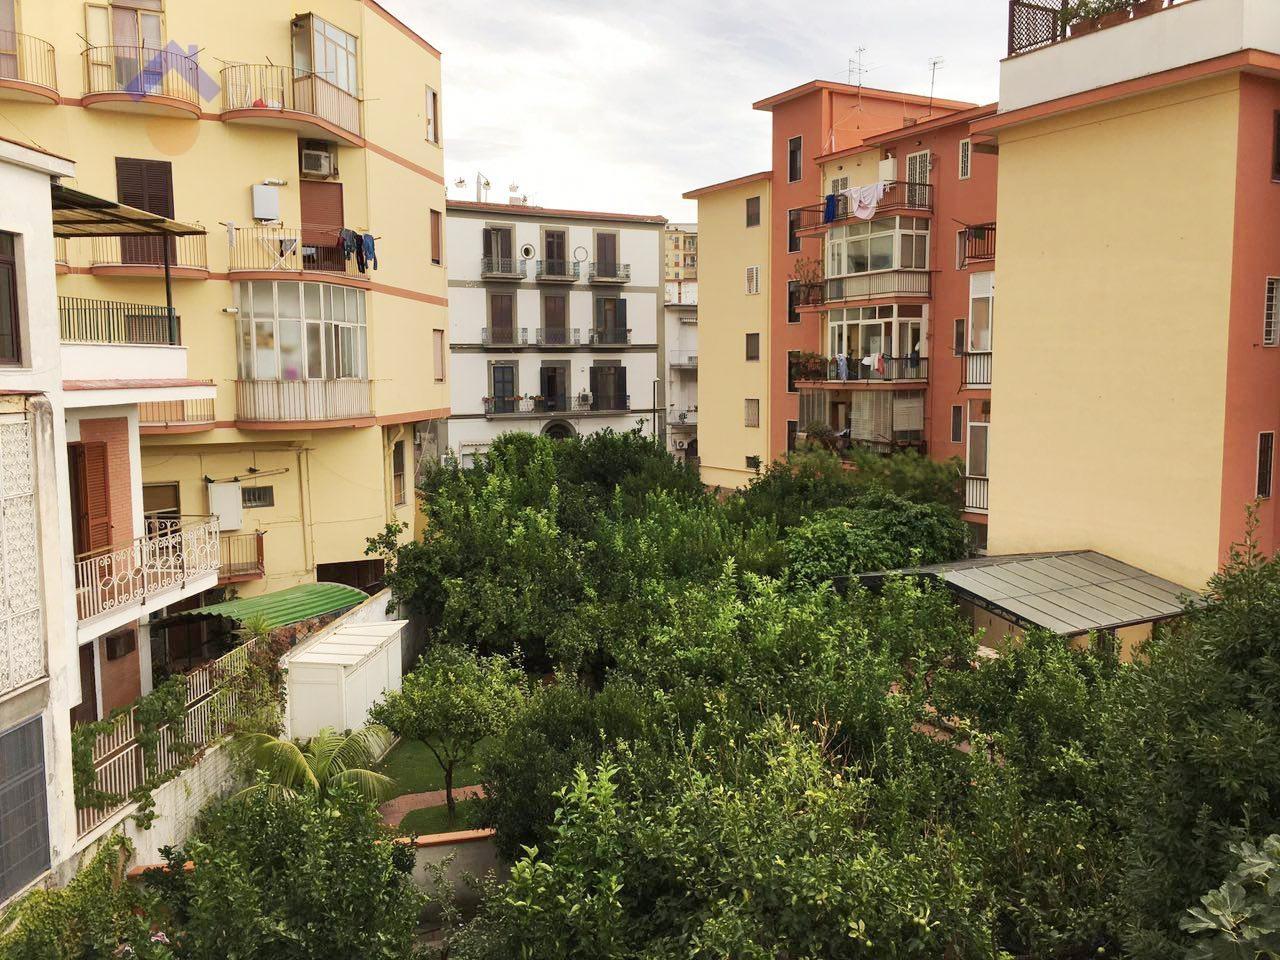 Appartamento in vendita a Torre Annunziata, 4 locali, zona Località: nord, prezzo € 255.000 | Cambio Casa.it